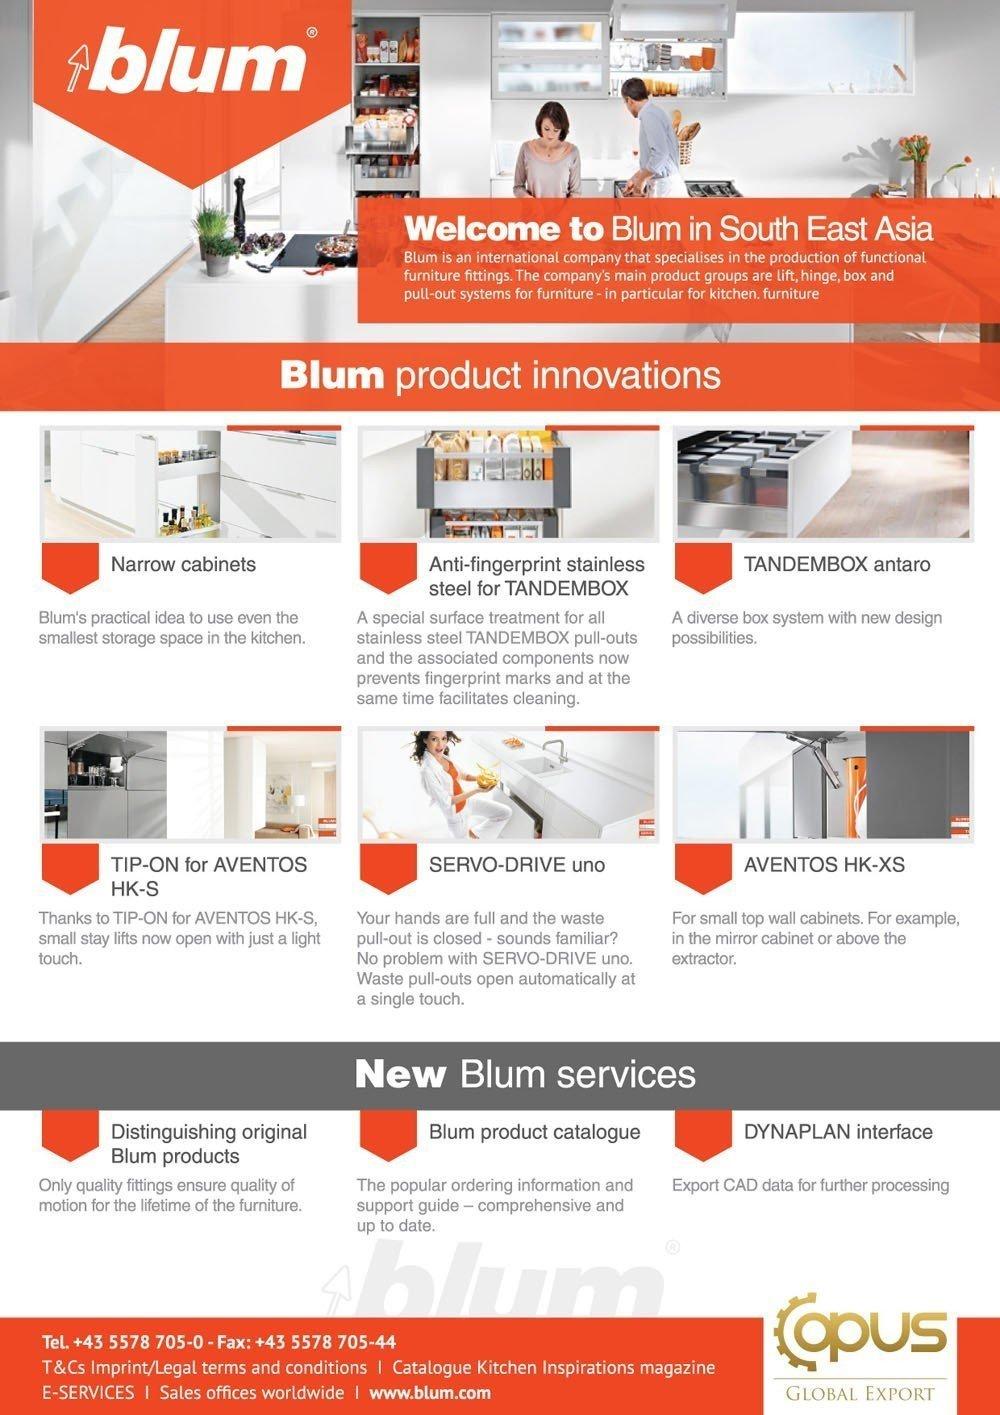 blum-brochure